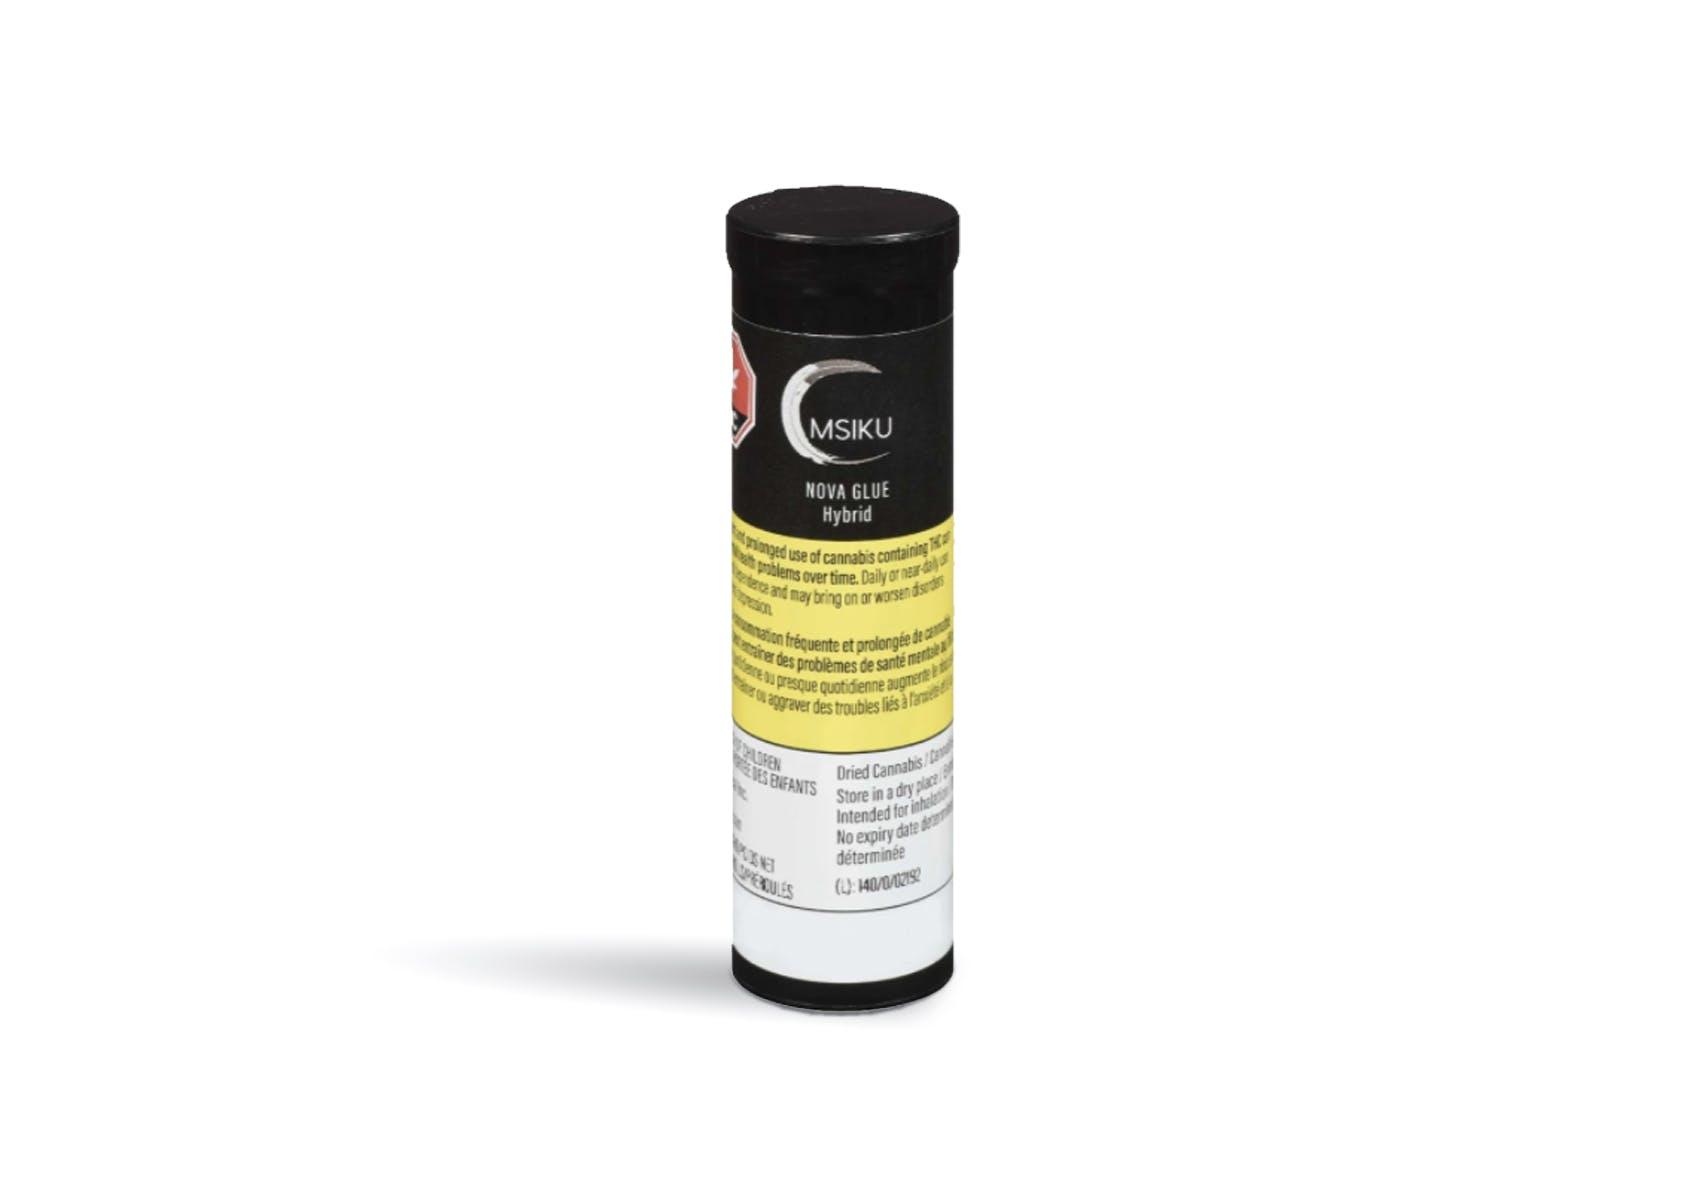 Nova Glue Pre-Roll 3-pack | 1.5g